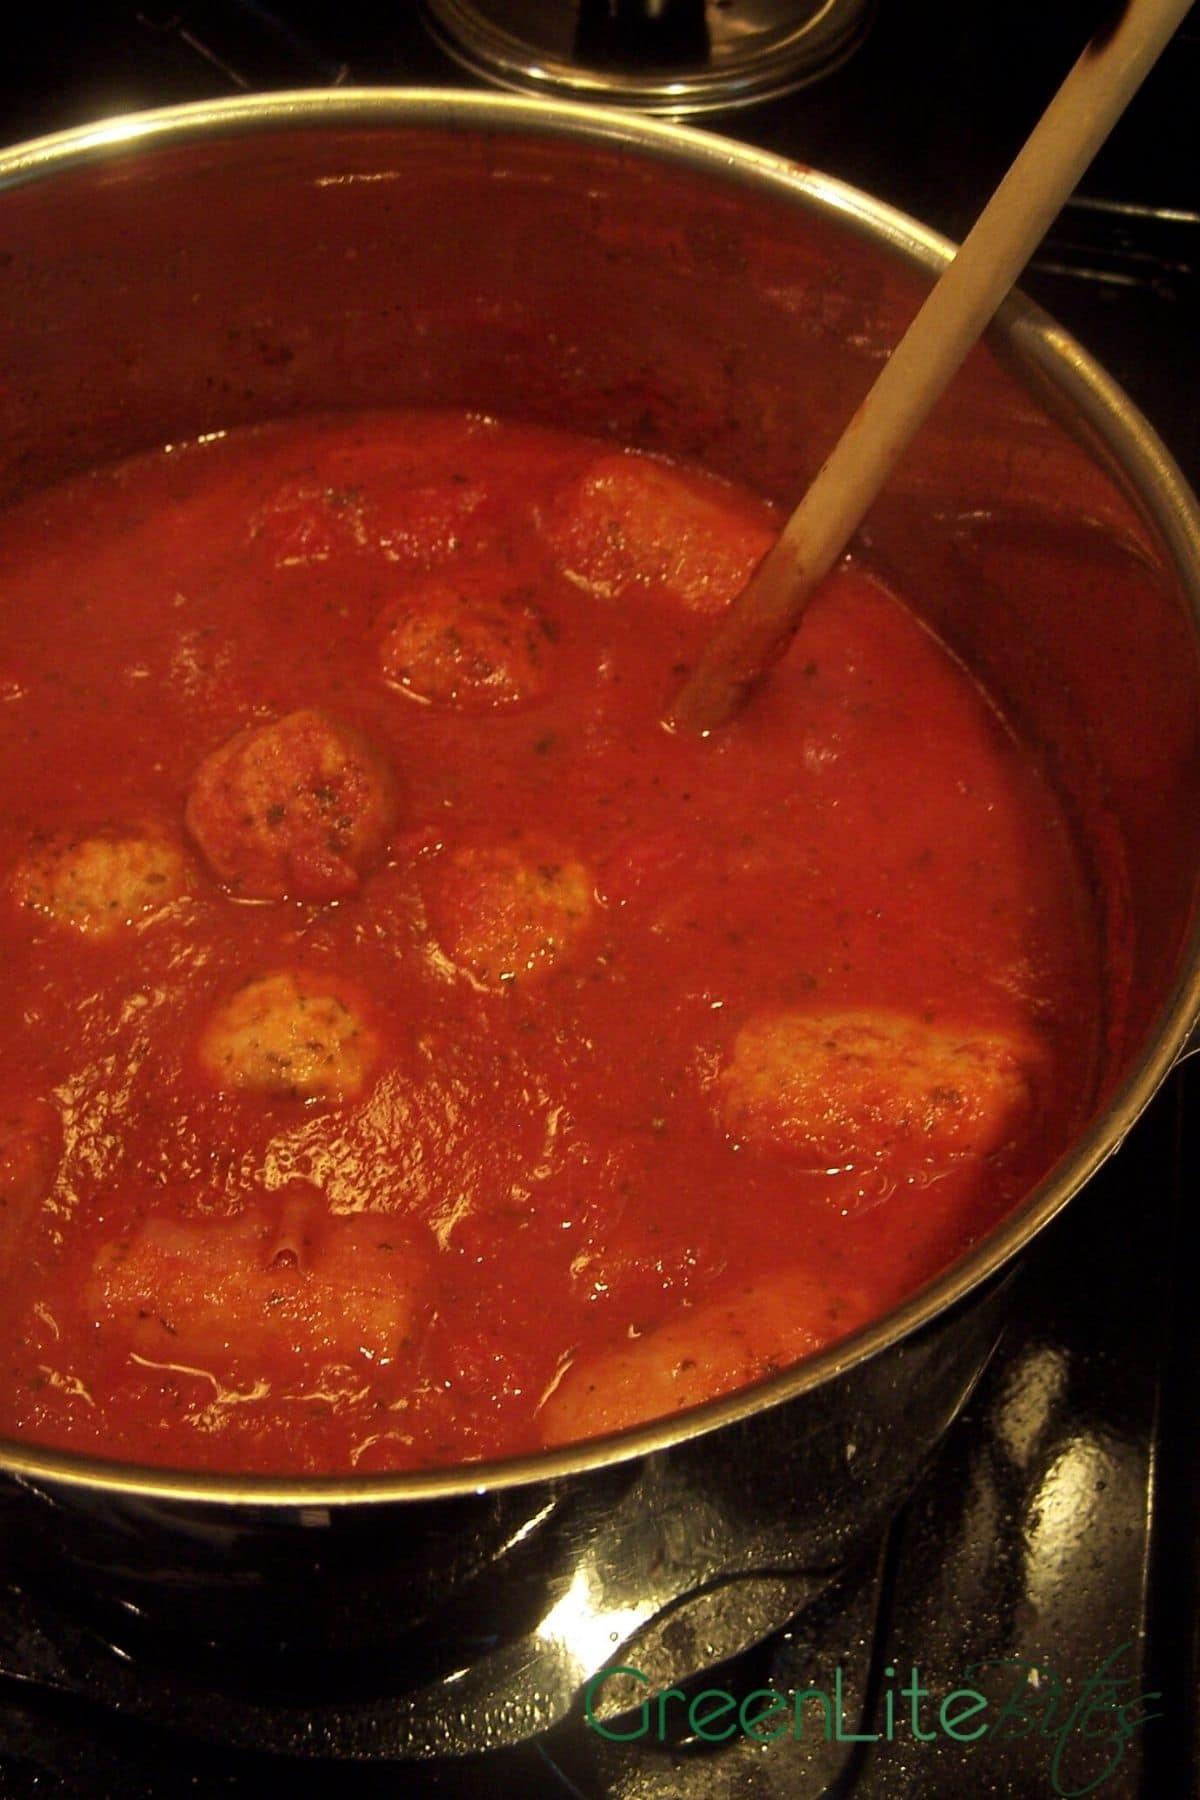 Meatballs in stockpot